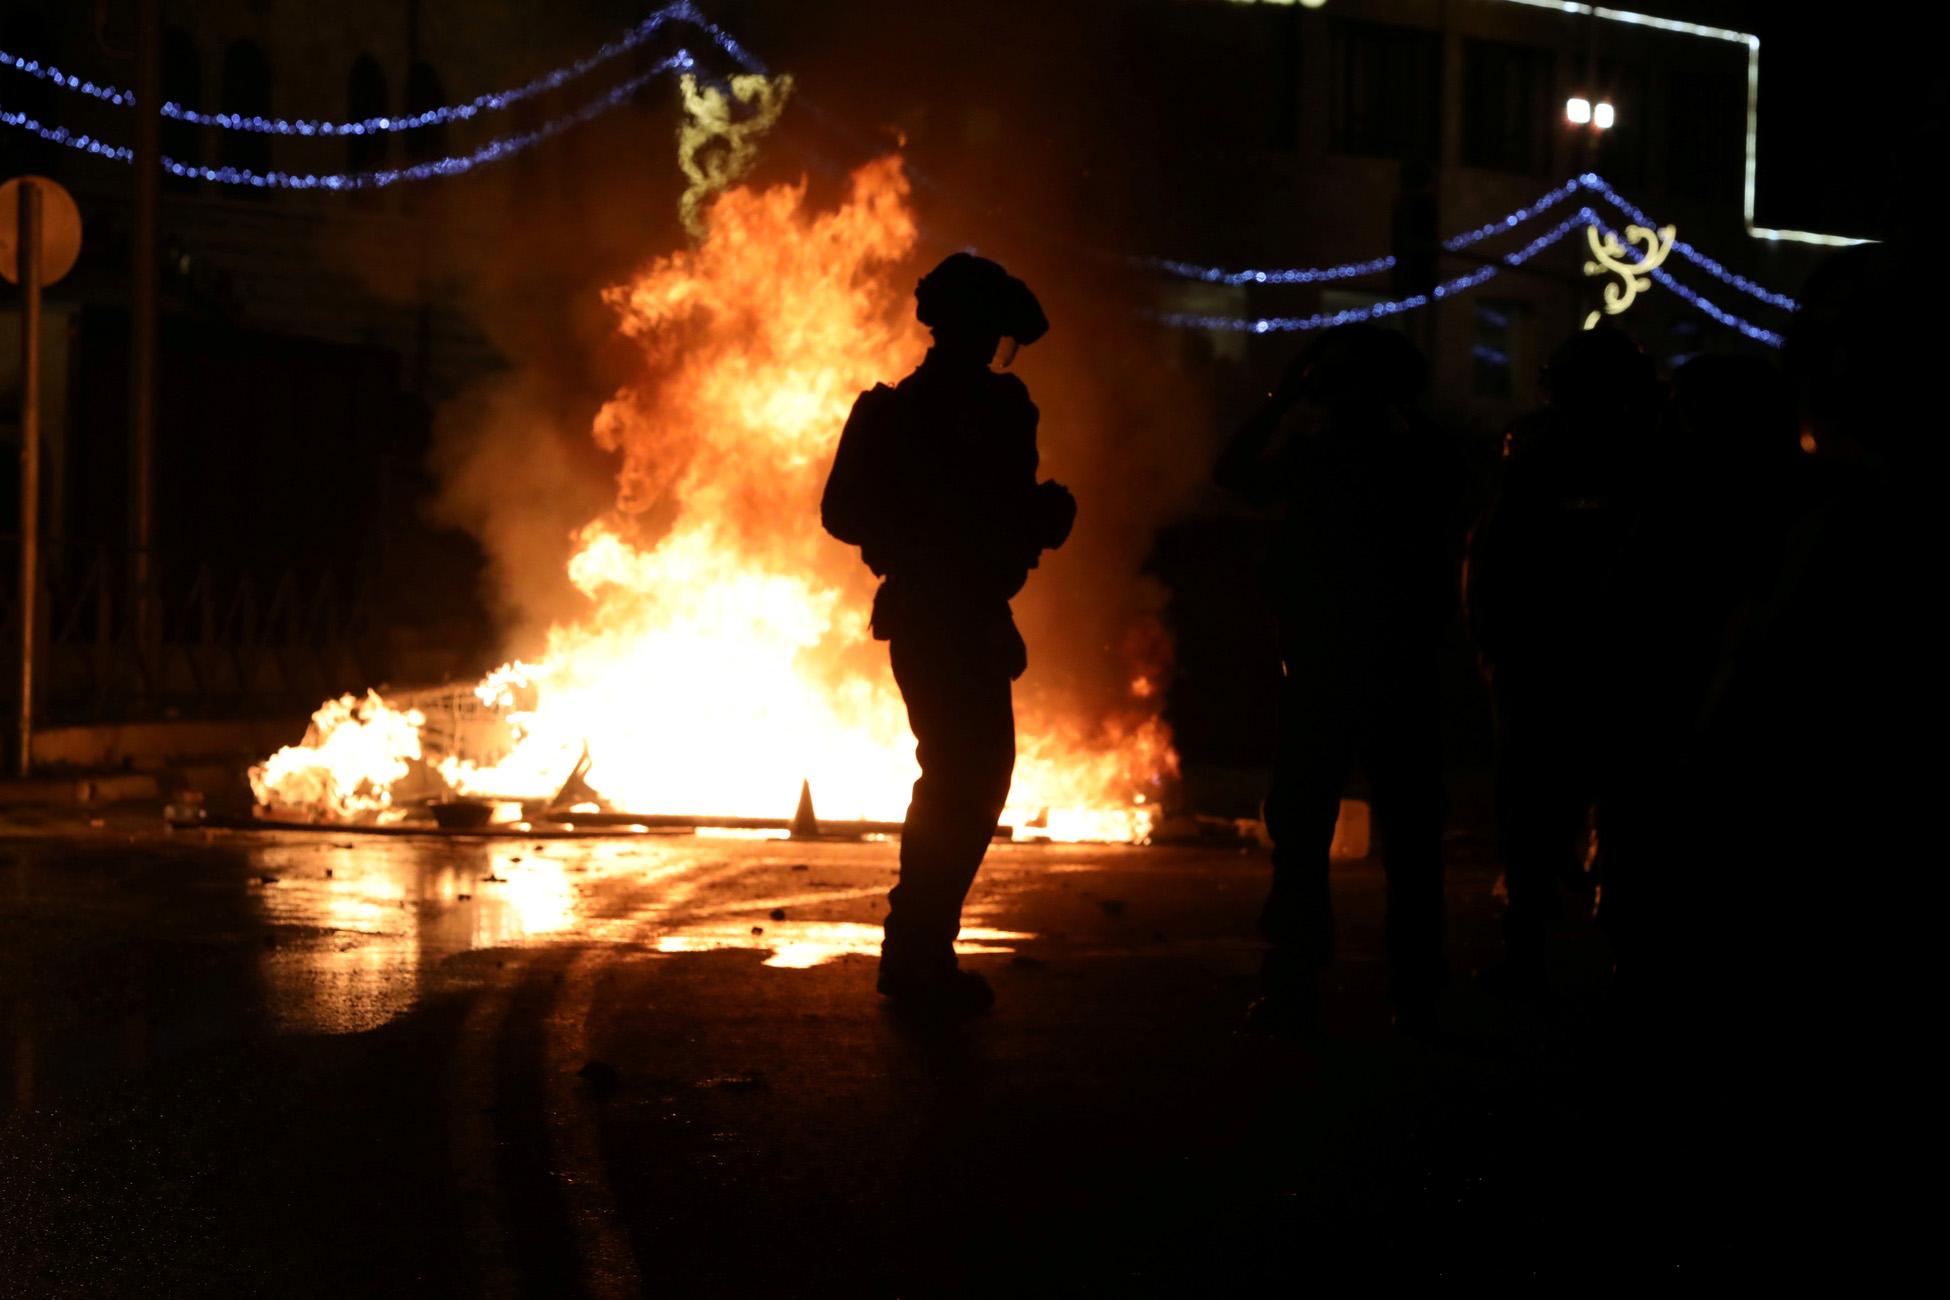 Ισραήλ – Παλαιστίνη: Βία, ένταση και ρουκέτες τα τελευταία 24ωρα